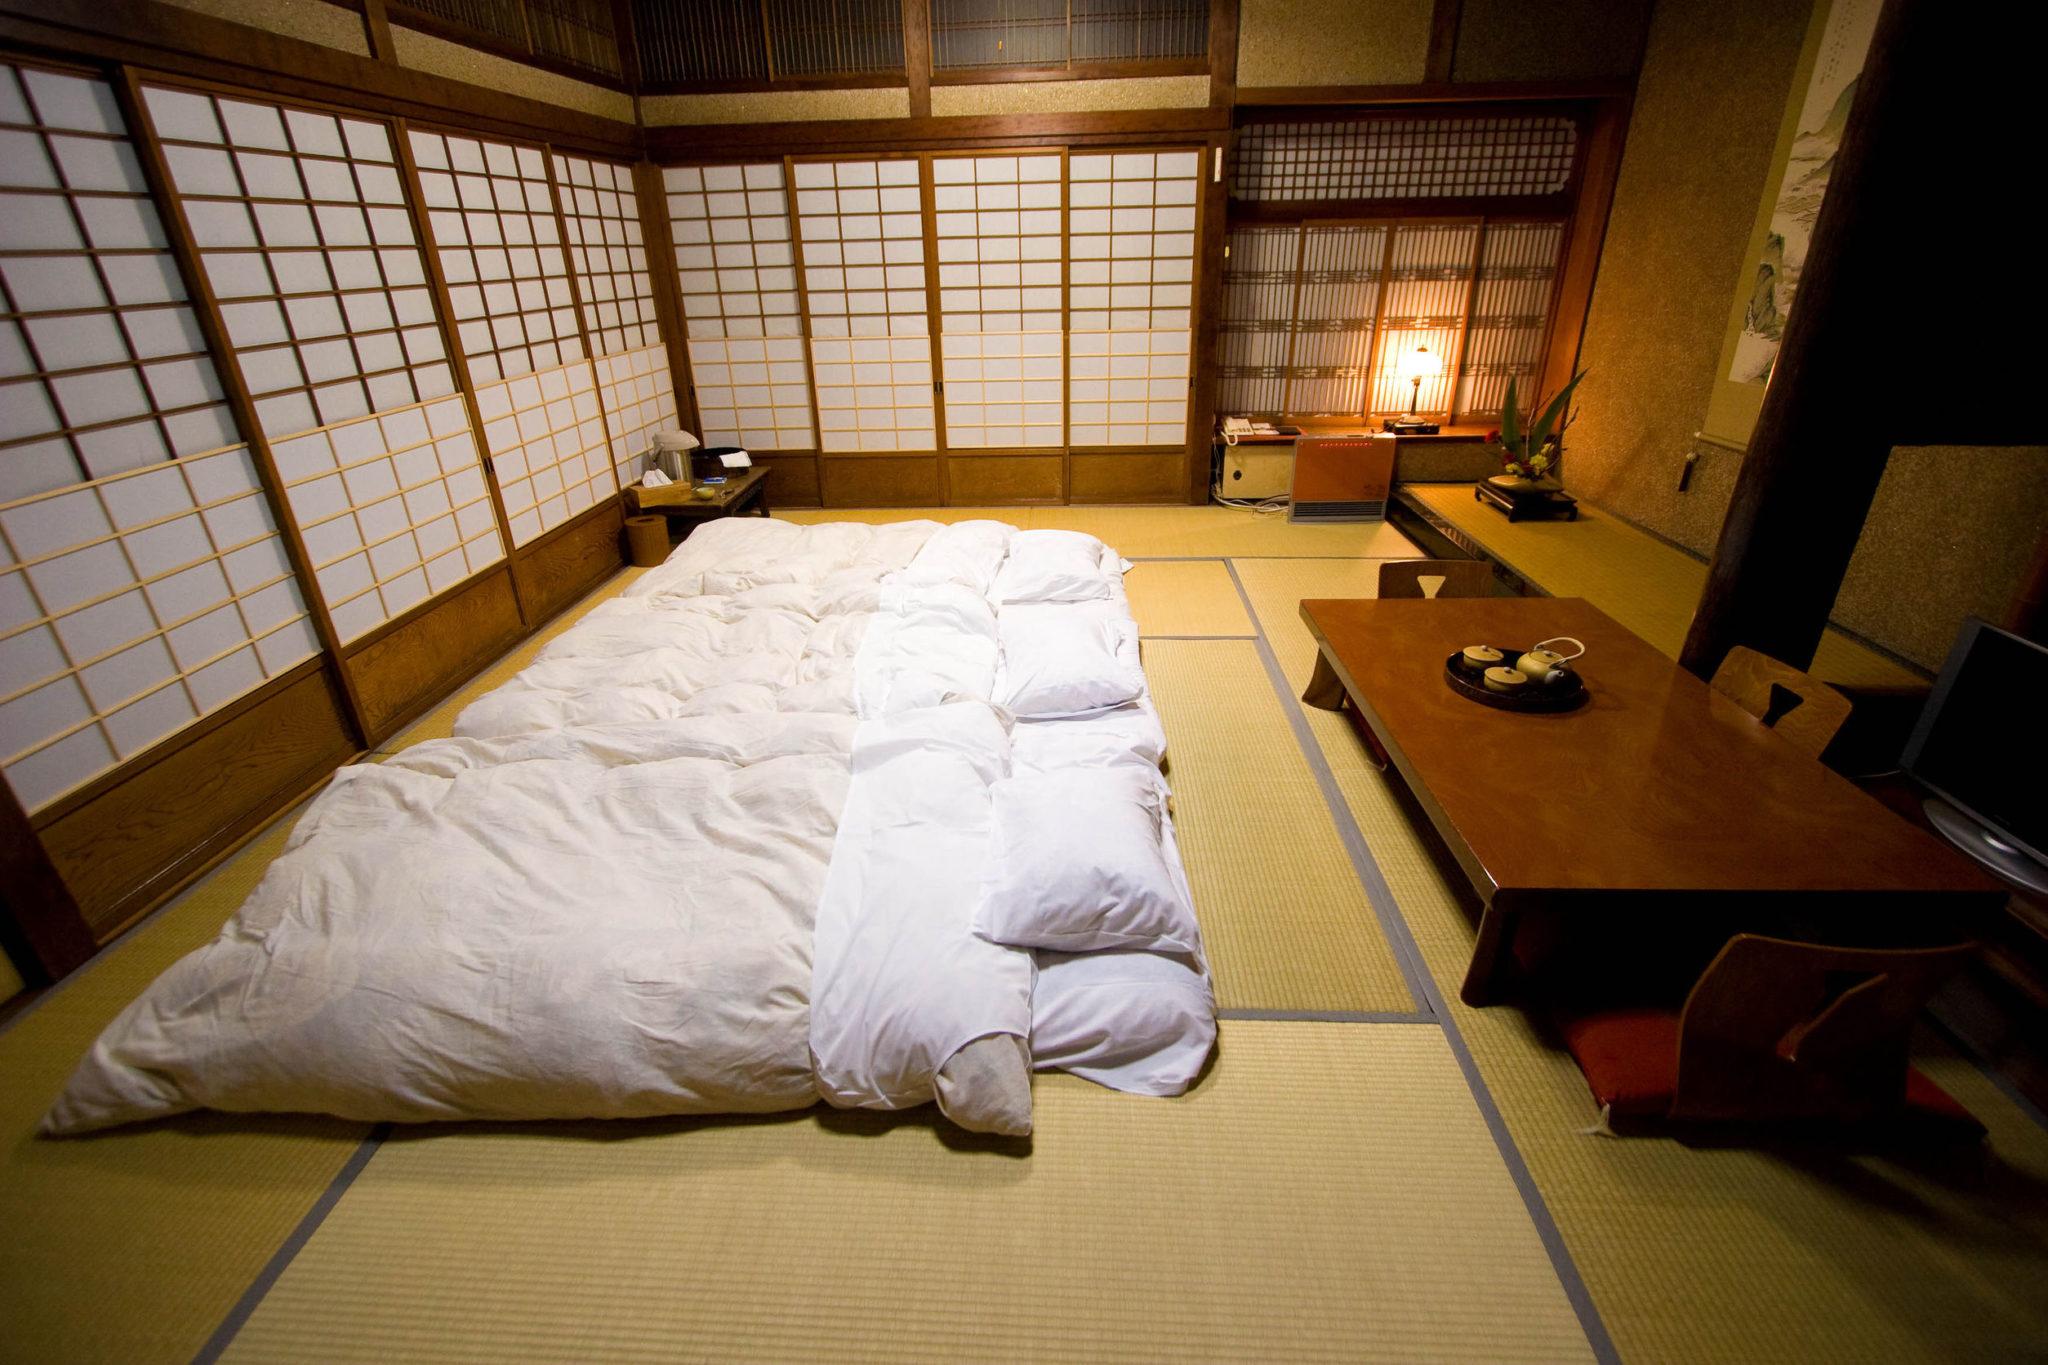 Chambre Matelas Au Sol dormir sur un futon japonais : ce qu'il faut savoir